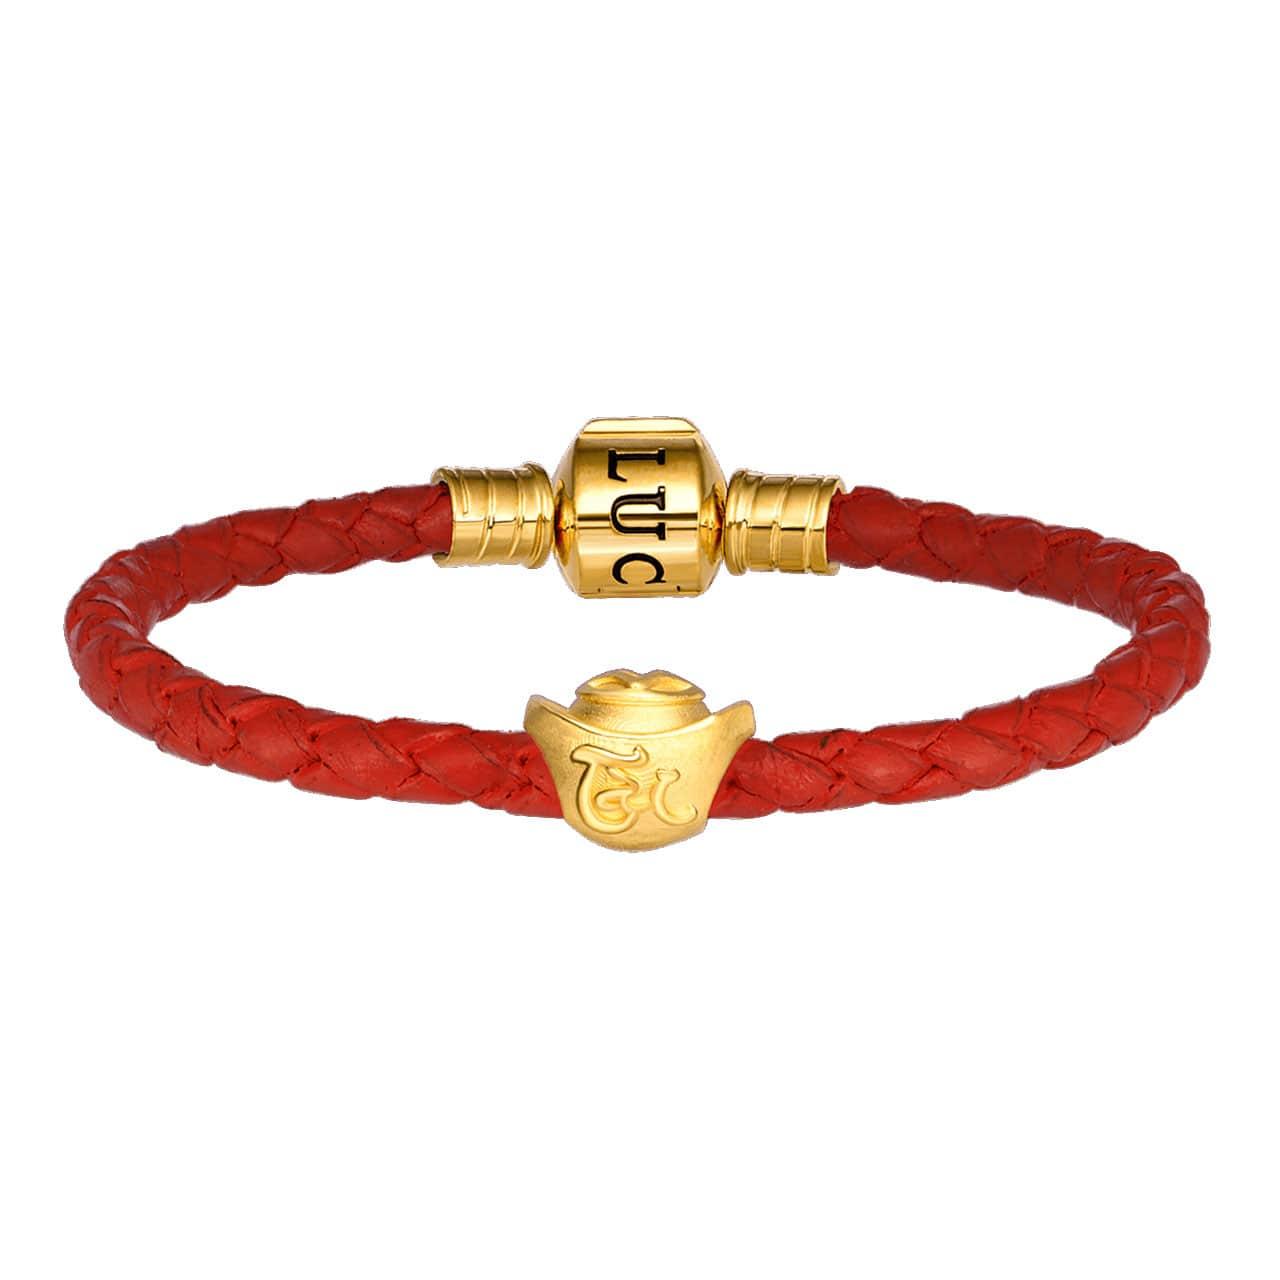 Sắm vòng tay charm vàng Tân Sửu để phát lộc phát tài cả năm: Từ 680k đã chốt được một chú - Ảnh 7.